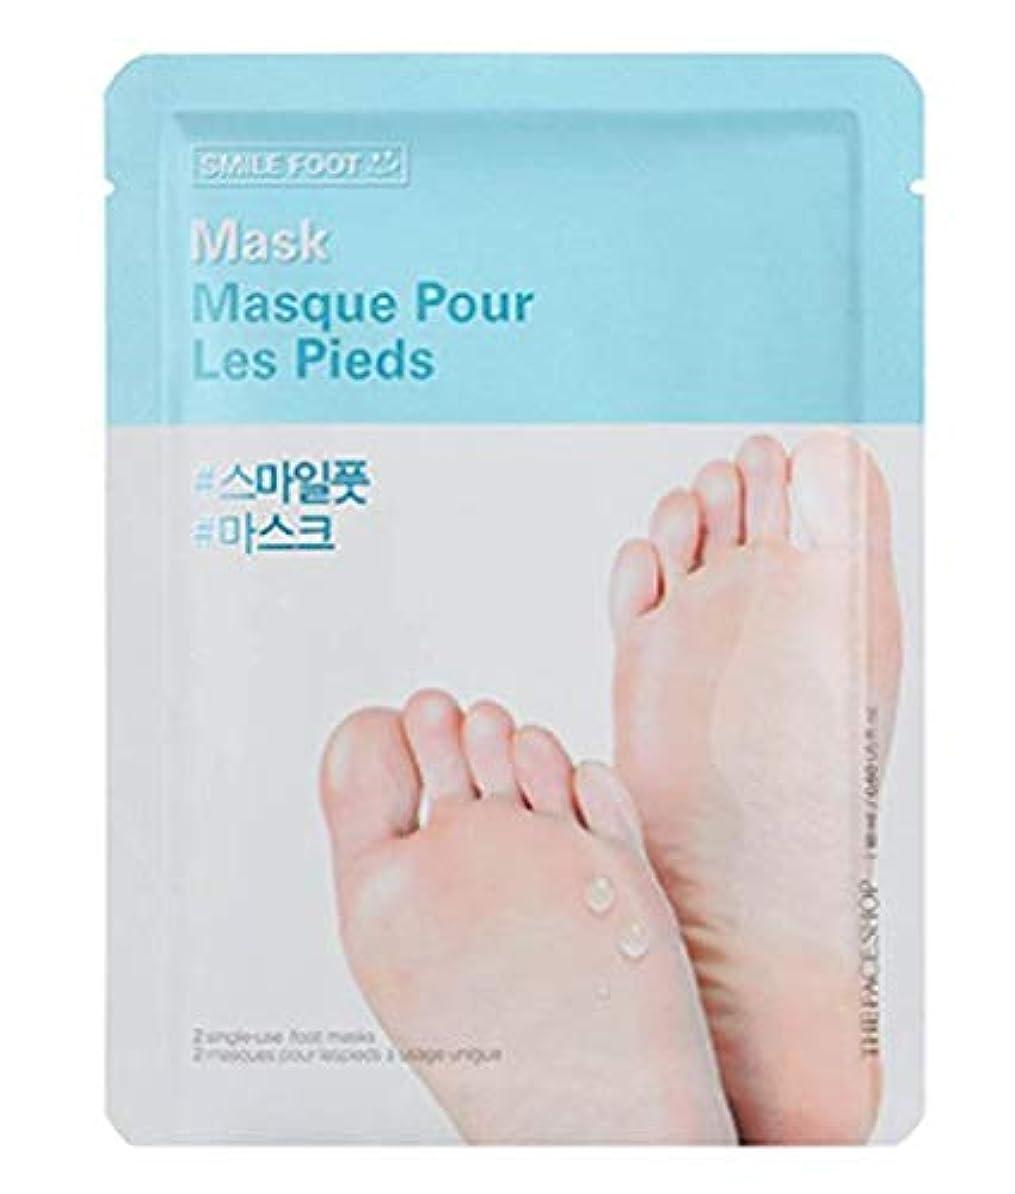 問い合わせる次へ恐ろしいTHE FACE SHOP Smile Foot Mask 3p ザフェイスショップ スマイル フットマスク 3枚 [並行輸入品]